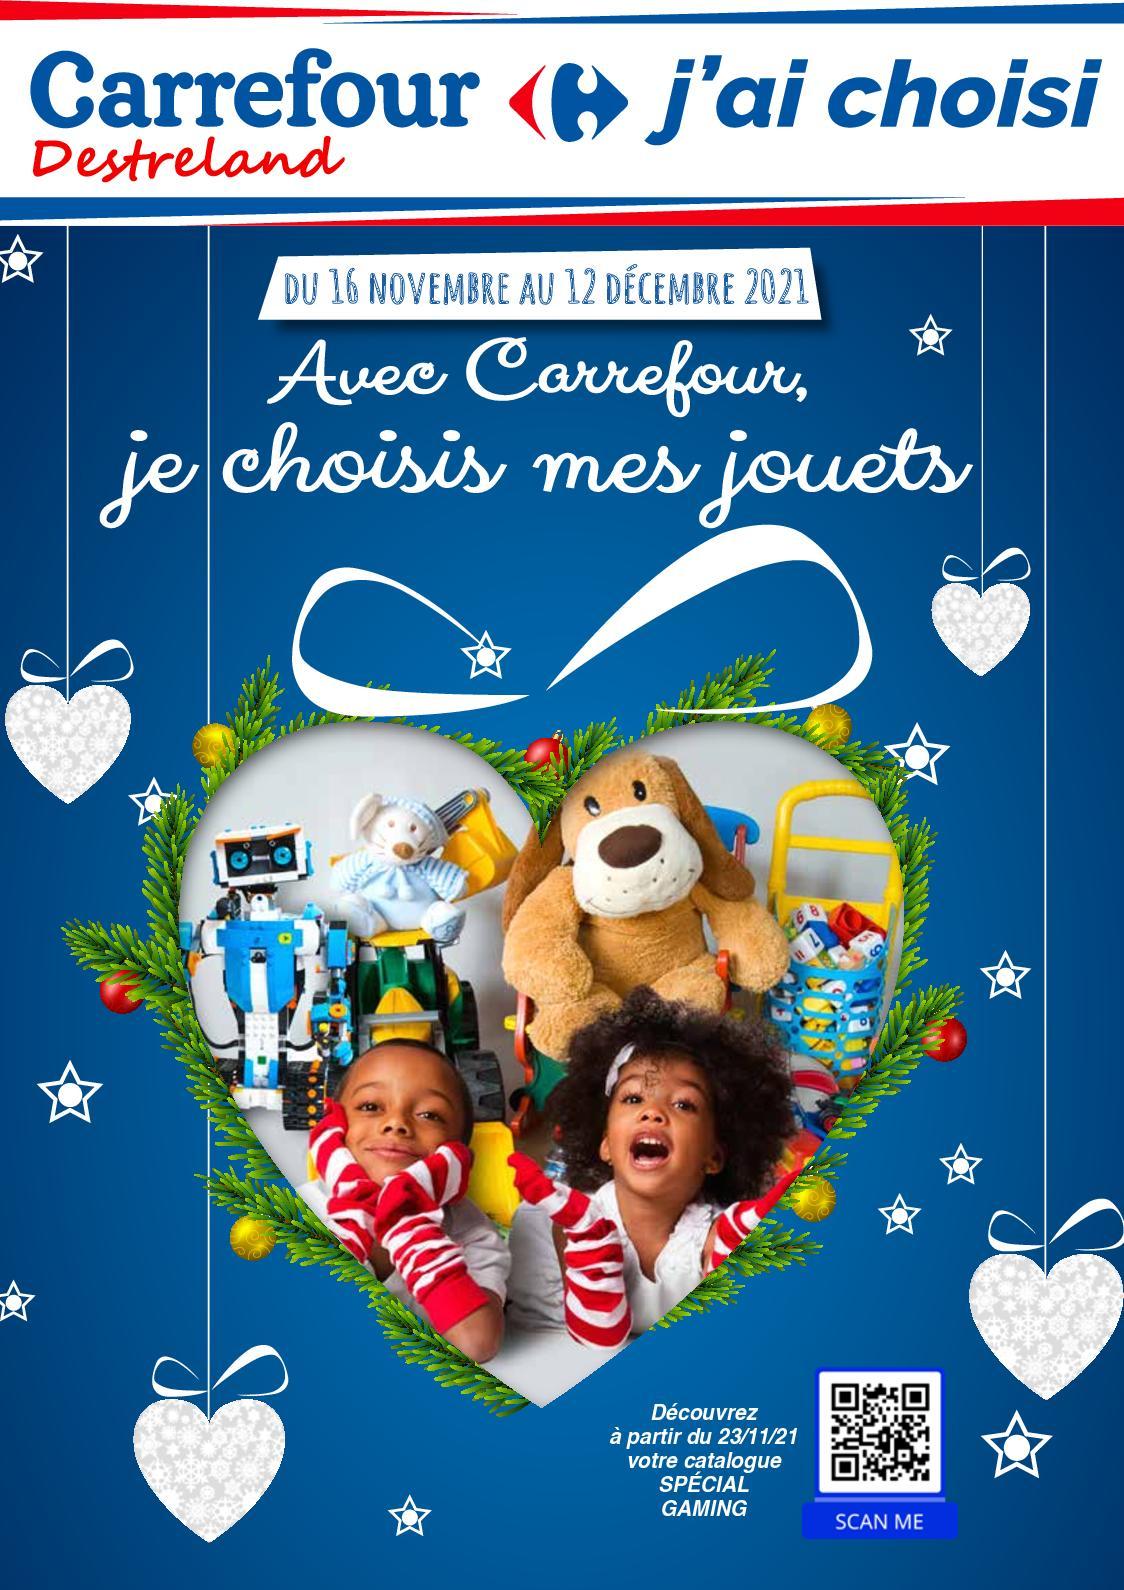 Avec Carrefour, je choisis mes jouets - Décembre 2021